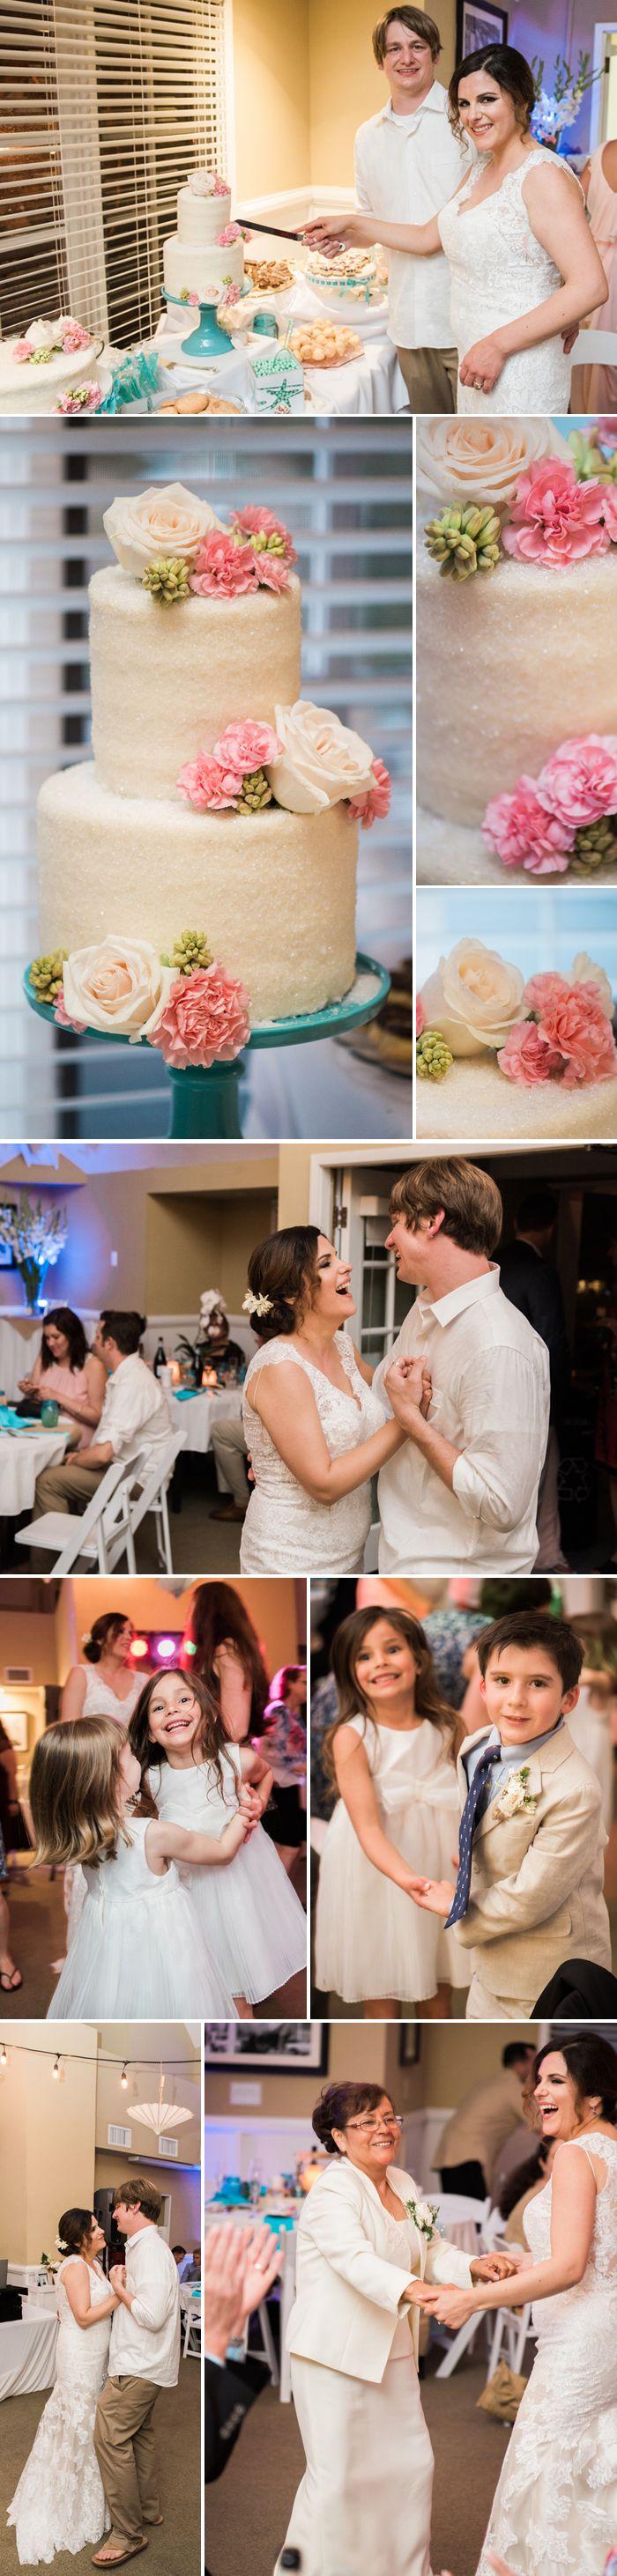 Hochzeitstorte mit Blumen  Bilder: © Derek Chad Photography